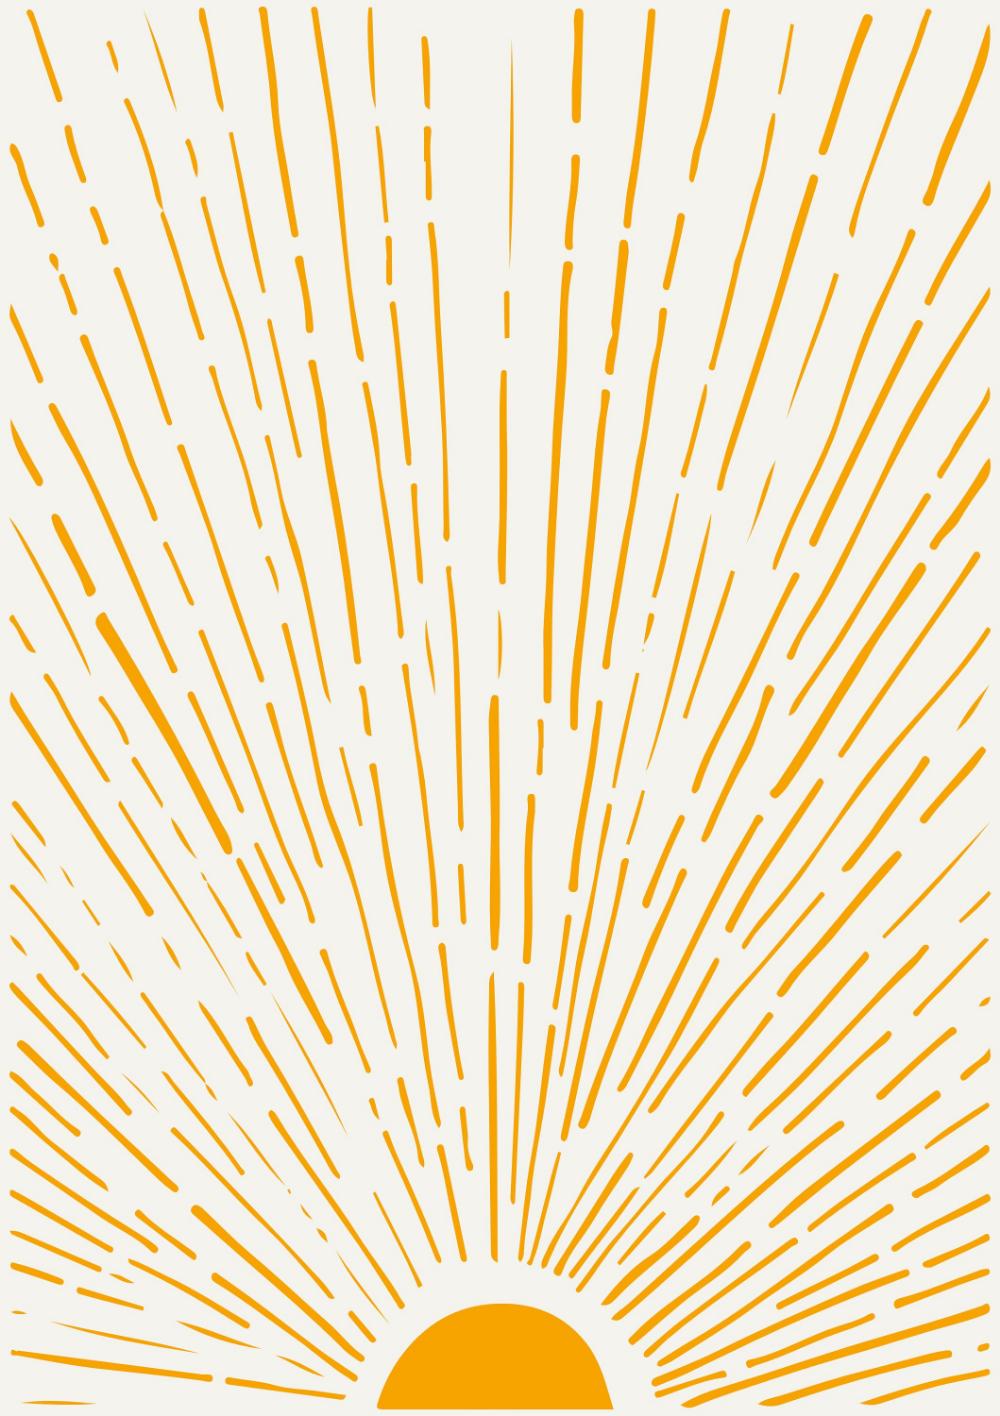 Sonnenplakat Wohnkultur Gelber Kompression Home Print Druck Gelber Print Sonnenplakat Wohnkult V 2020 G Minimalistskij Sajt Foto Nastennyj Kollazh Abstraktnyj Uzor